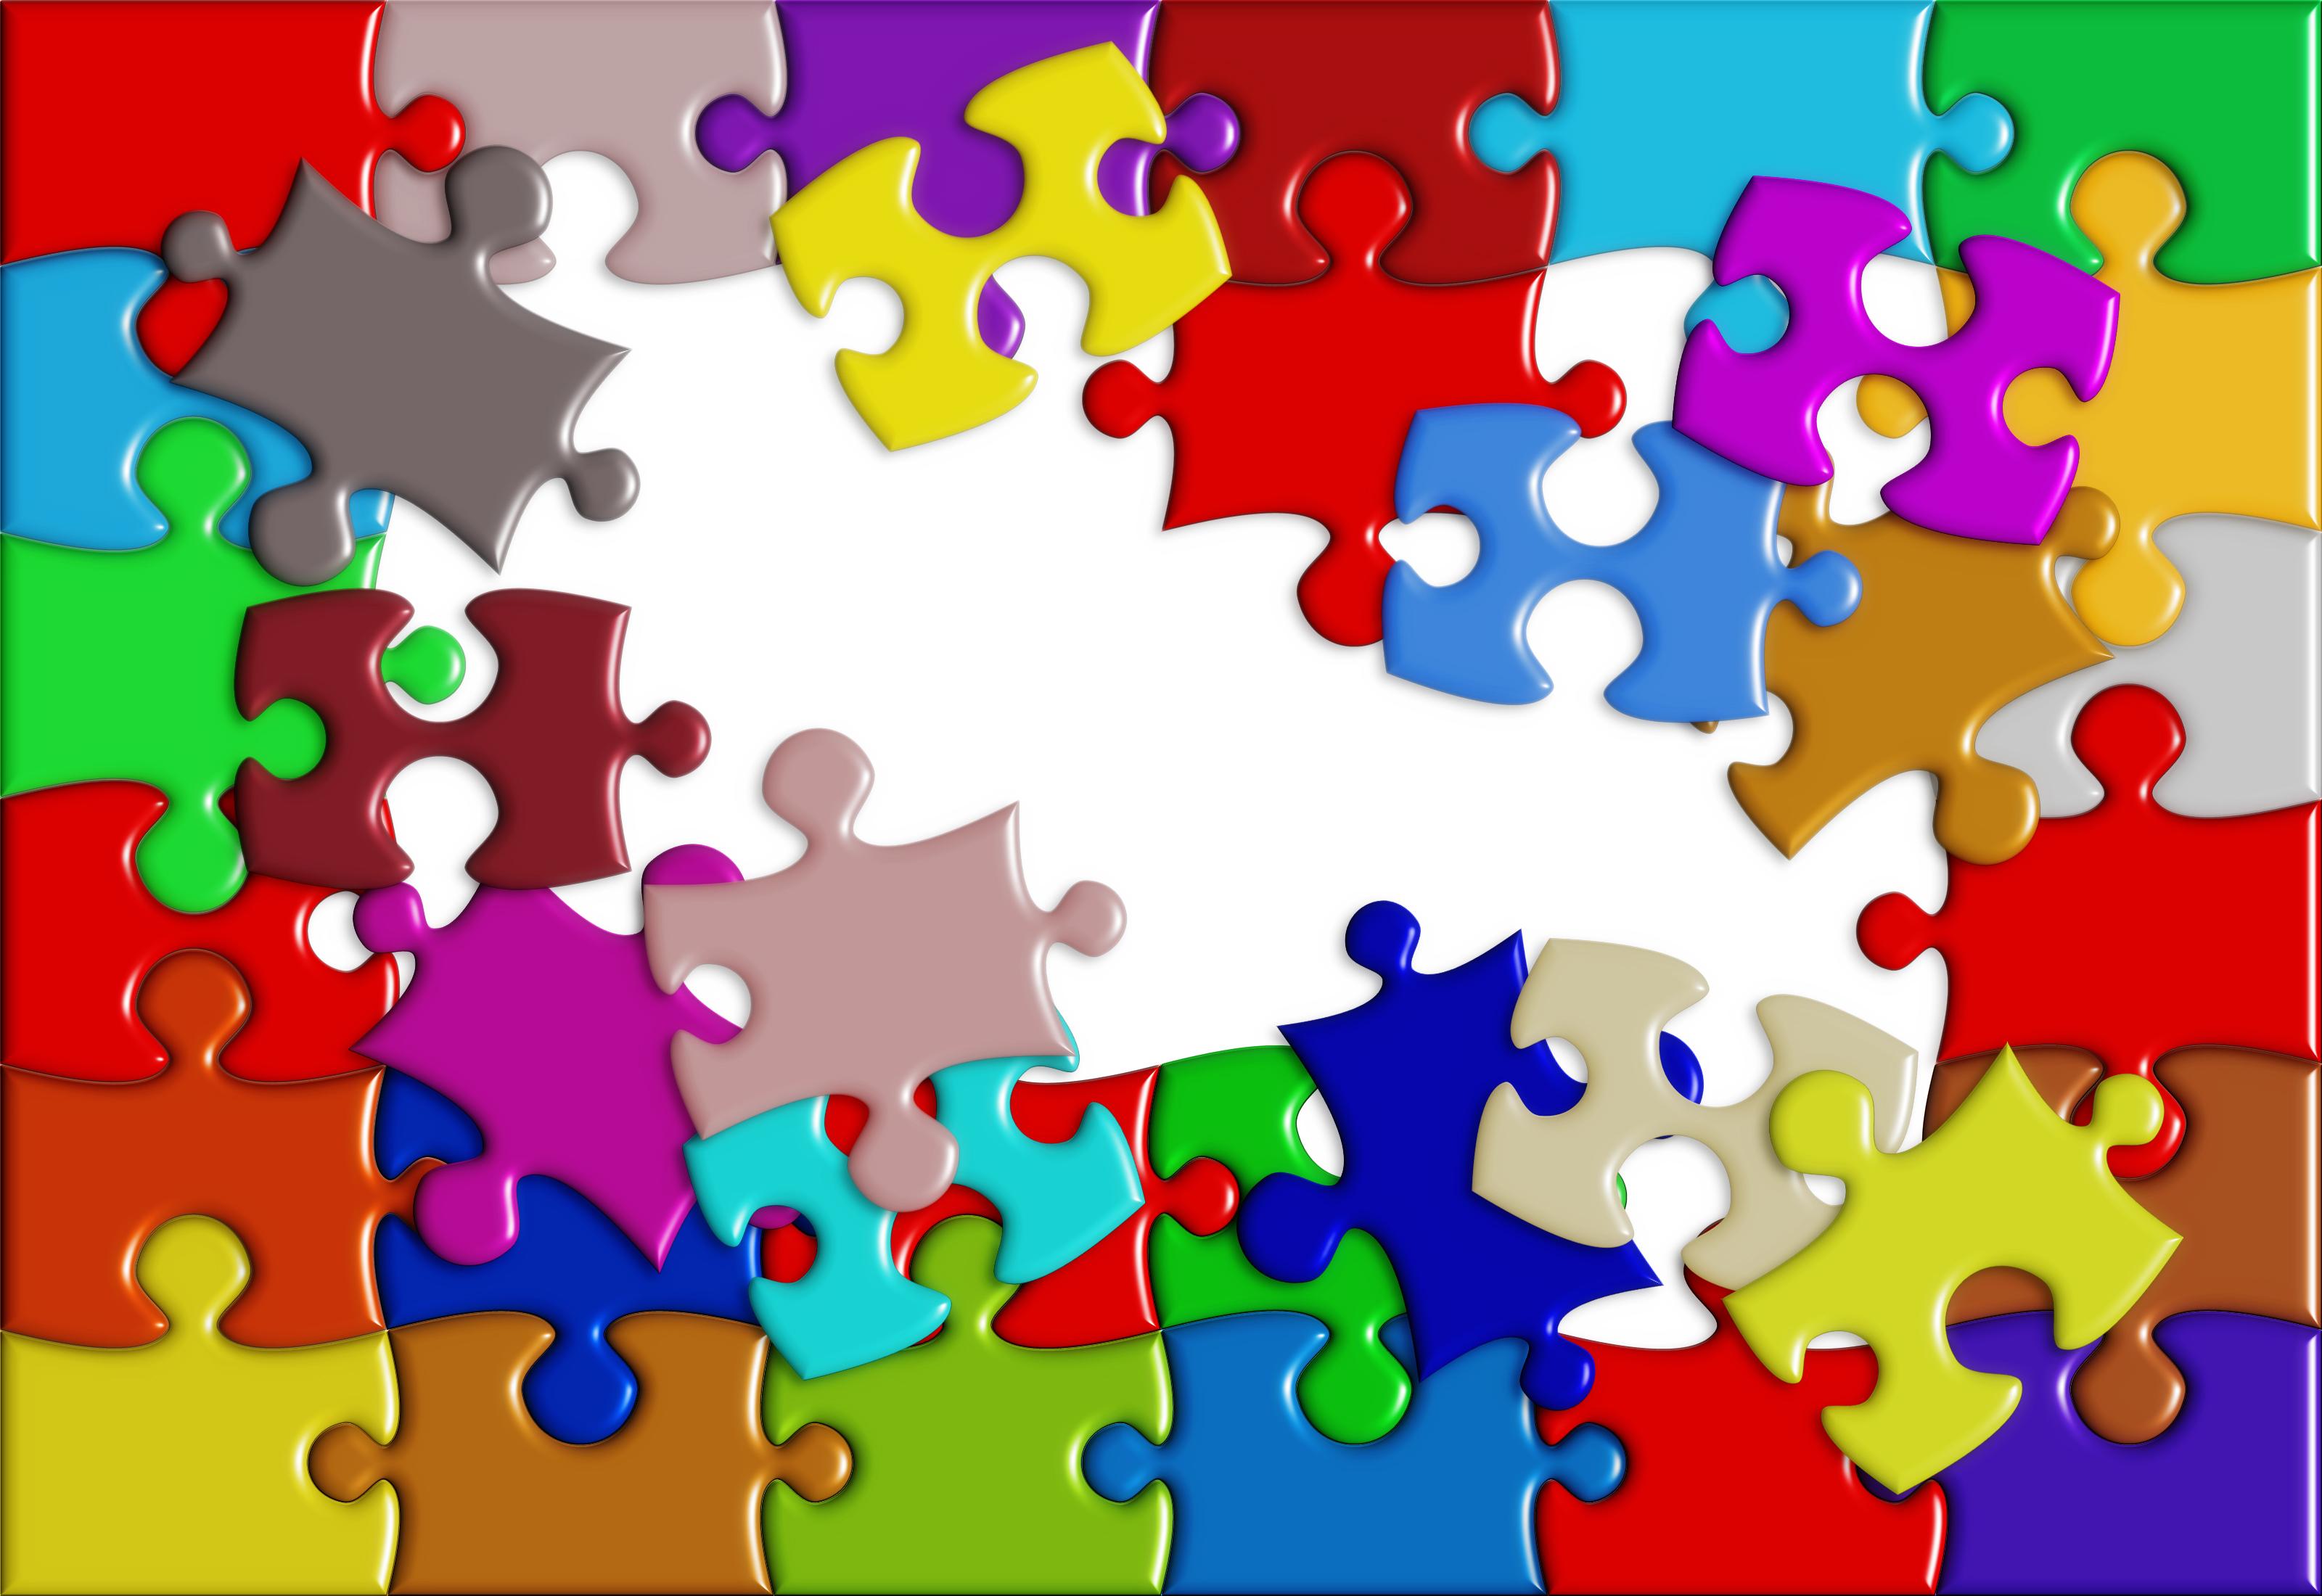 fractal puzzle images pic